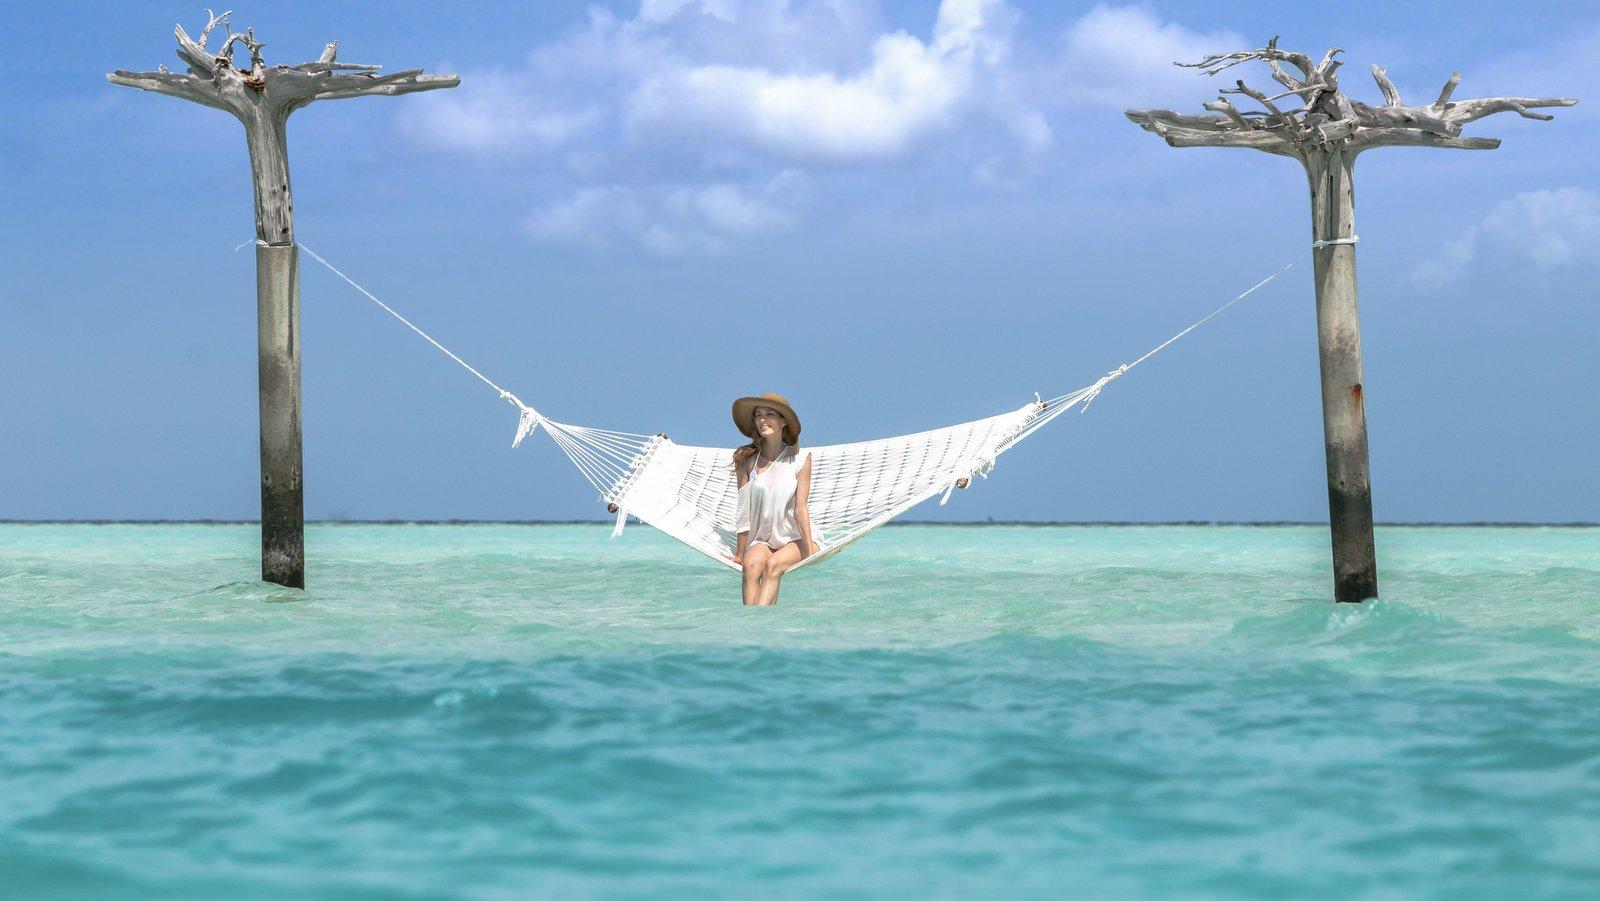 Мальдивы, отель Anantara Dhigu Maldives Resort, качели